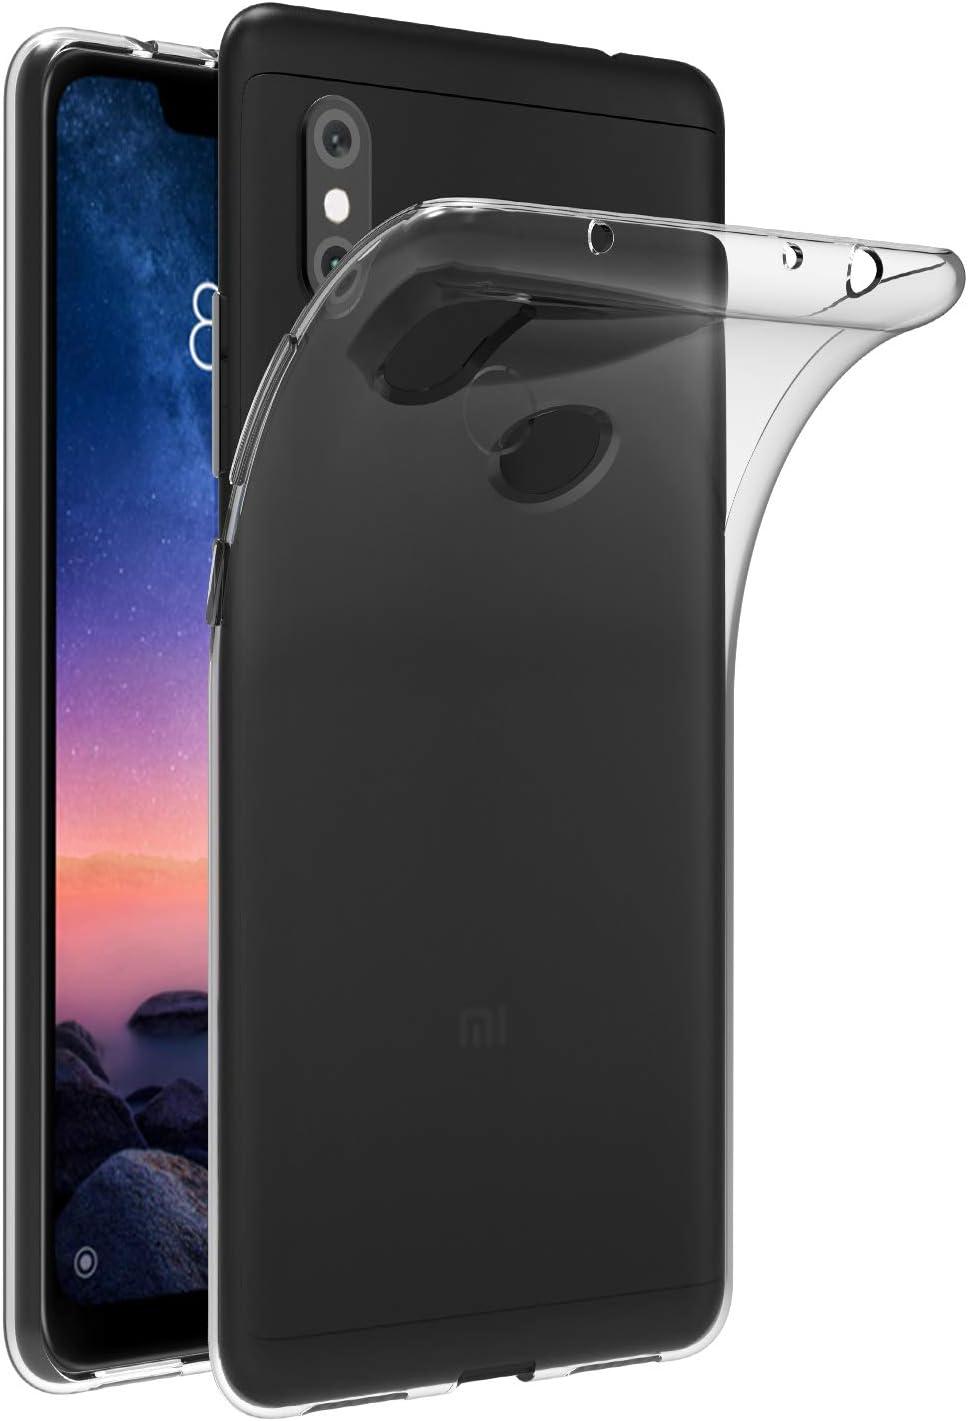 ivoler Funda Carcasa Gel Transparente para Xiaomi Redmi Note 6 Pro, Ultra Fina 0,33mm, Silicona TPU de Alta Resistencia y Flexibilidad